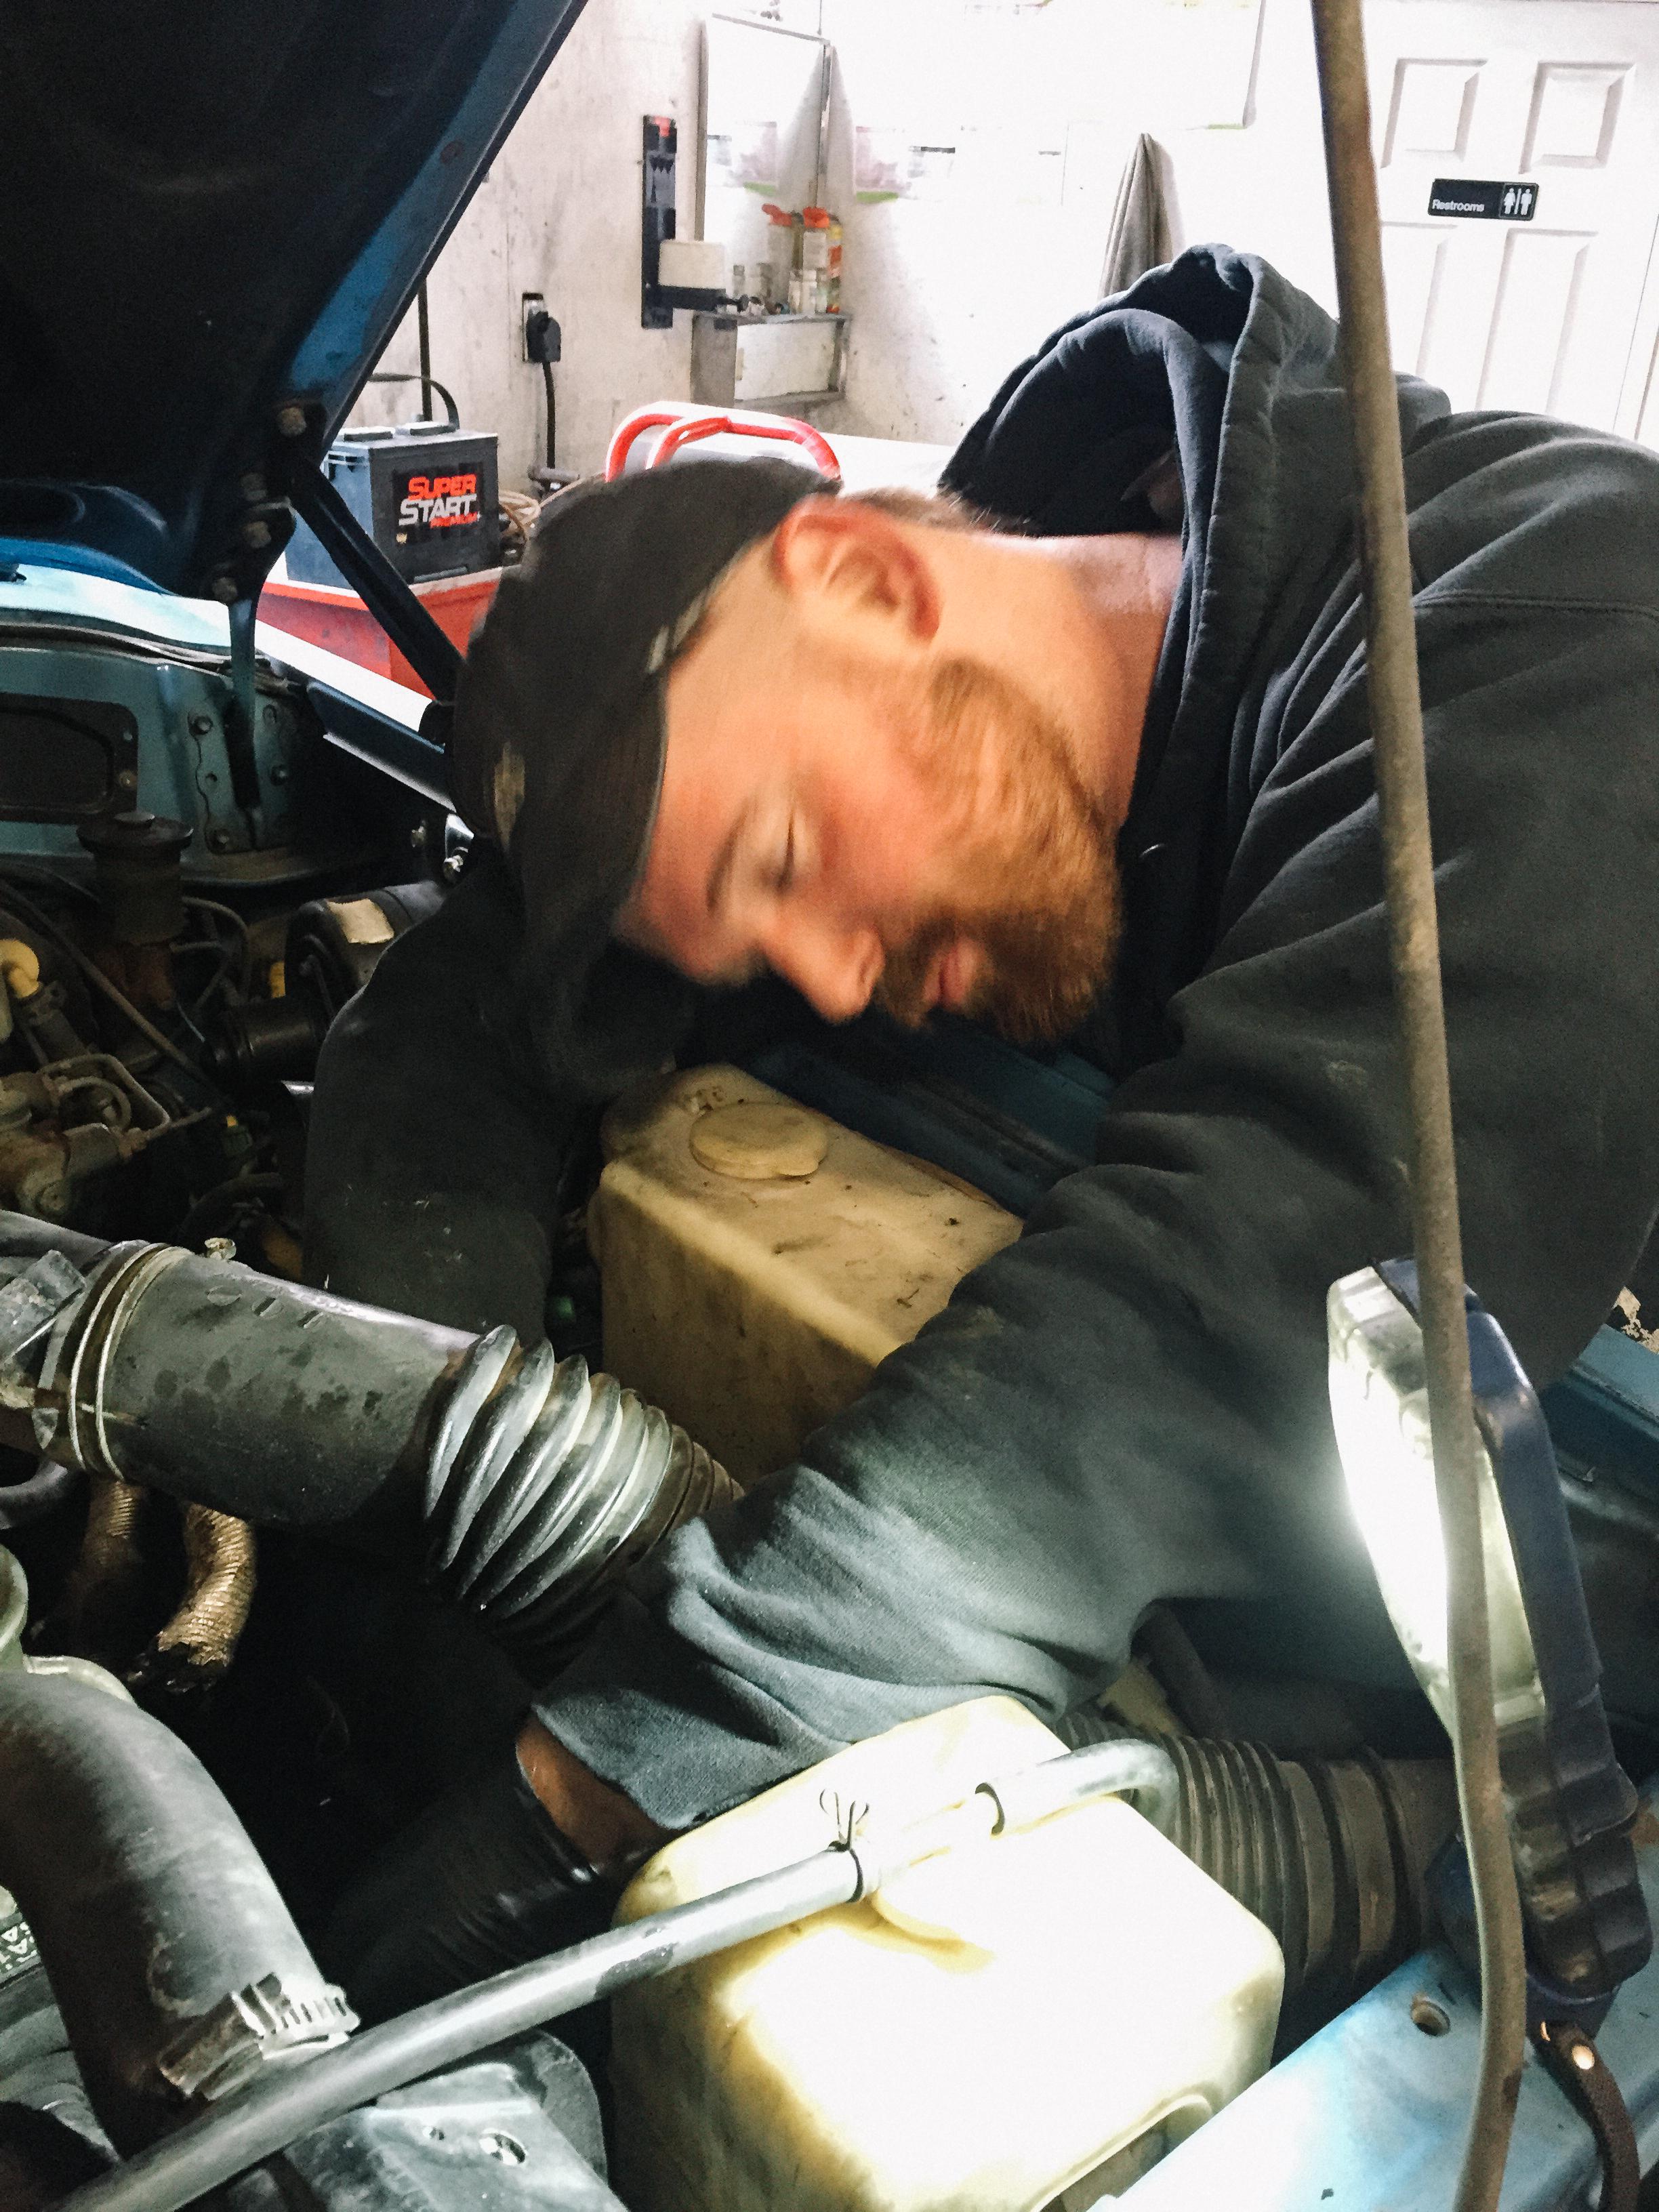 Josh hard at work.